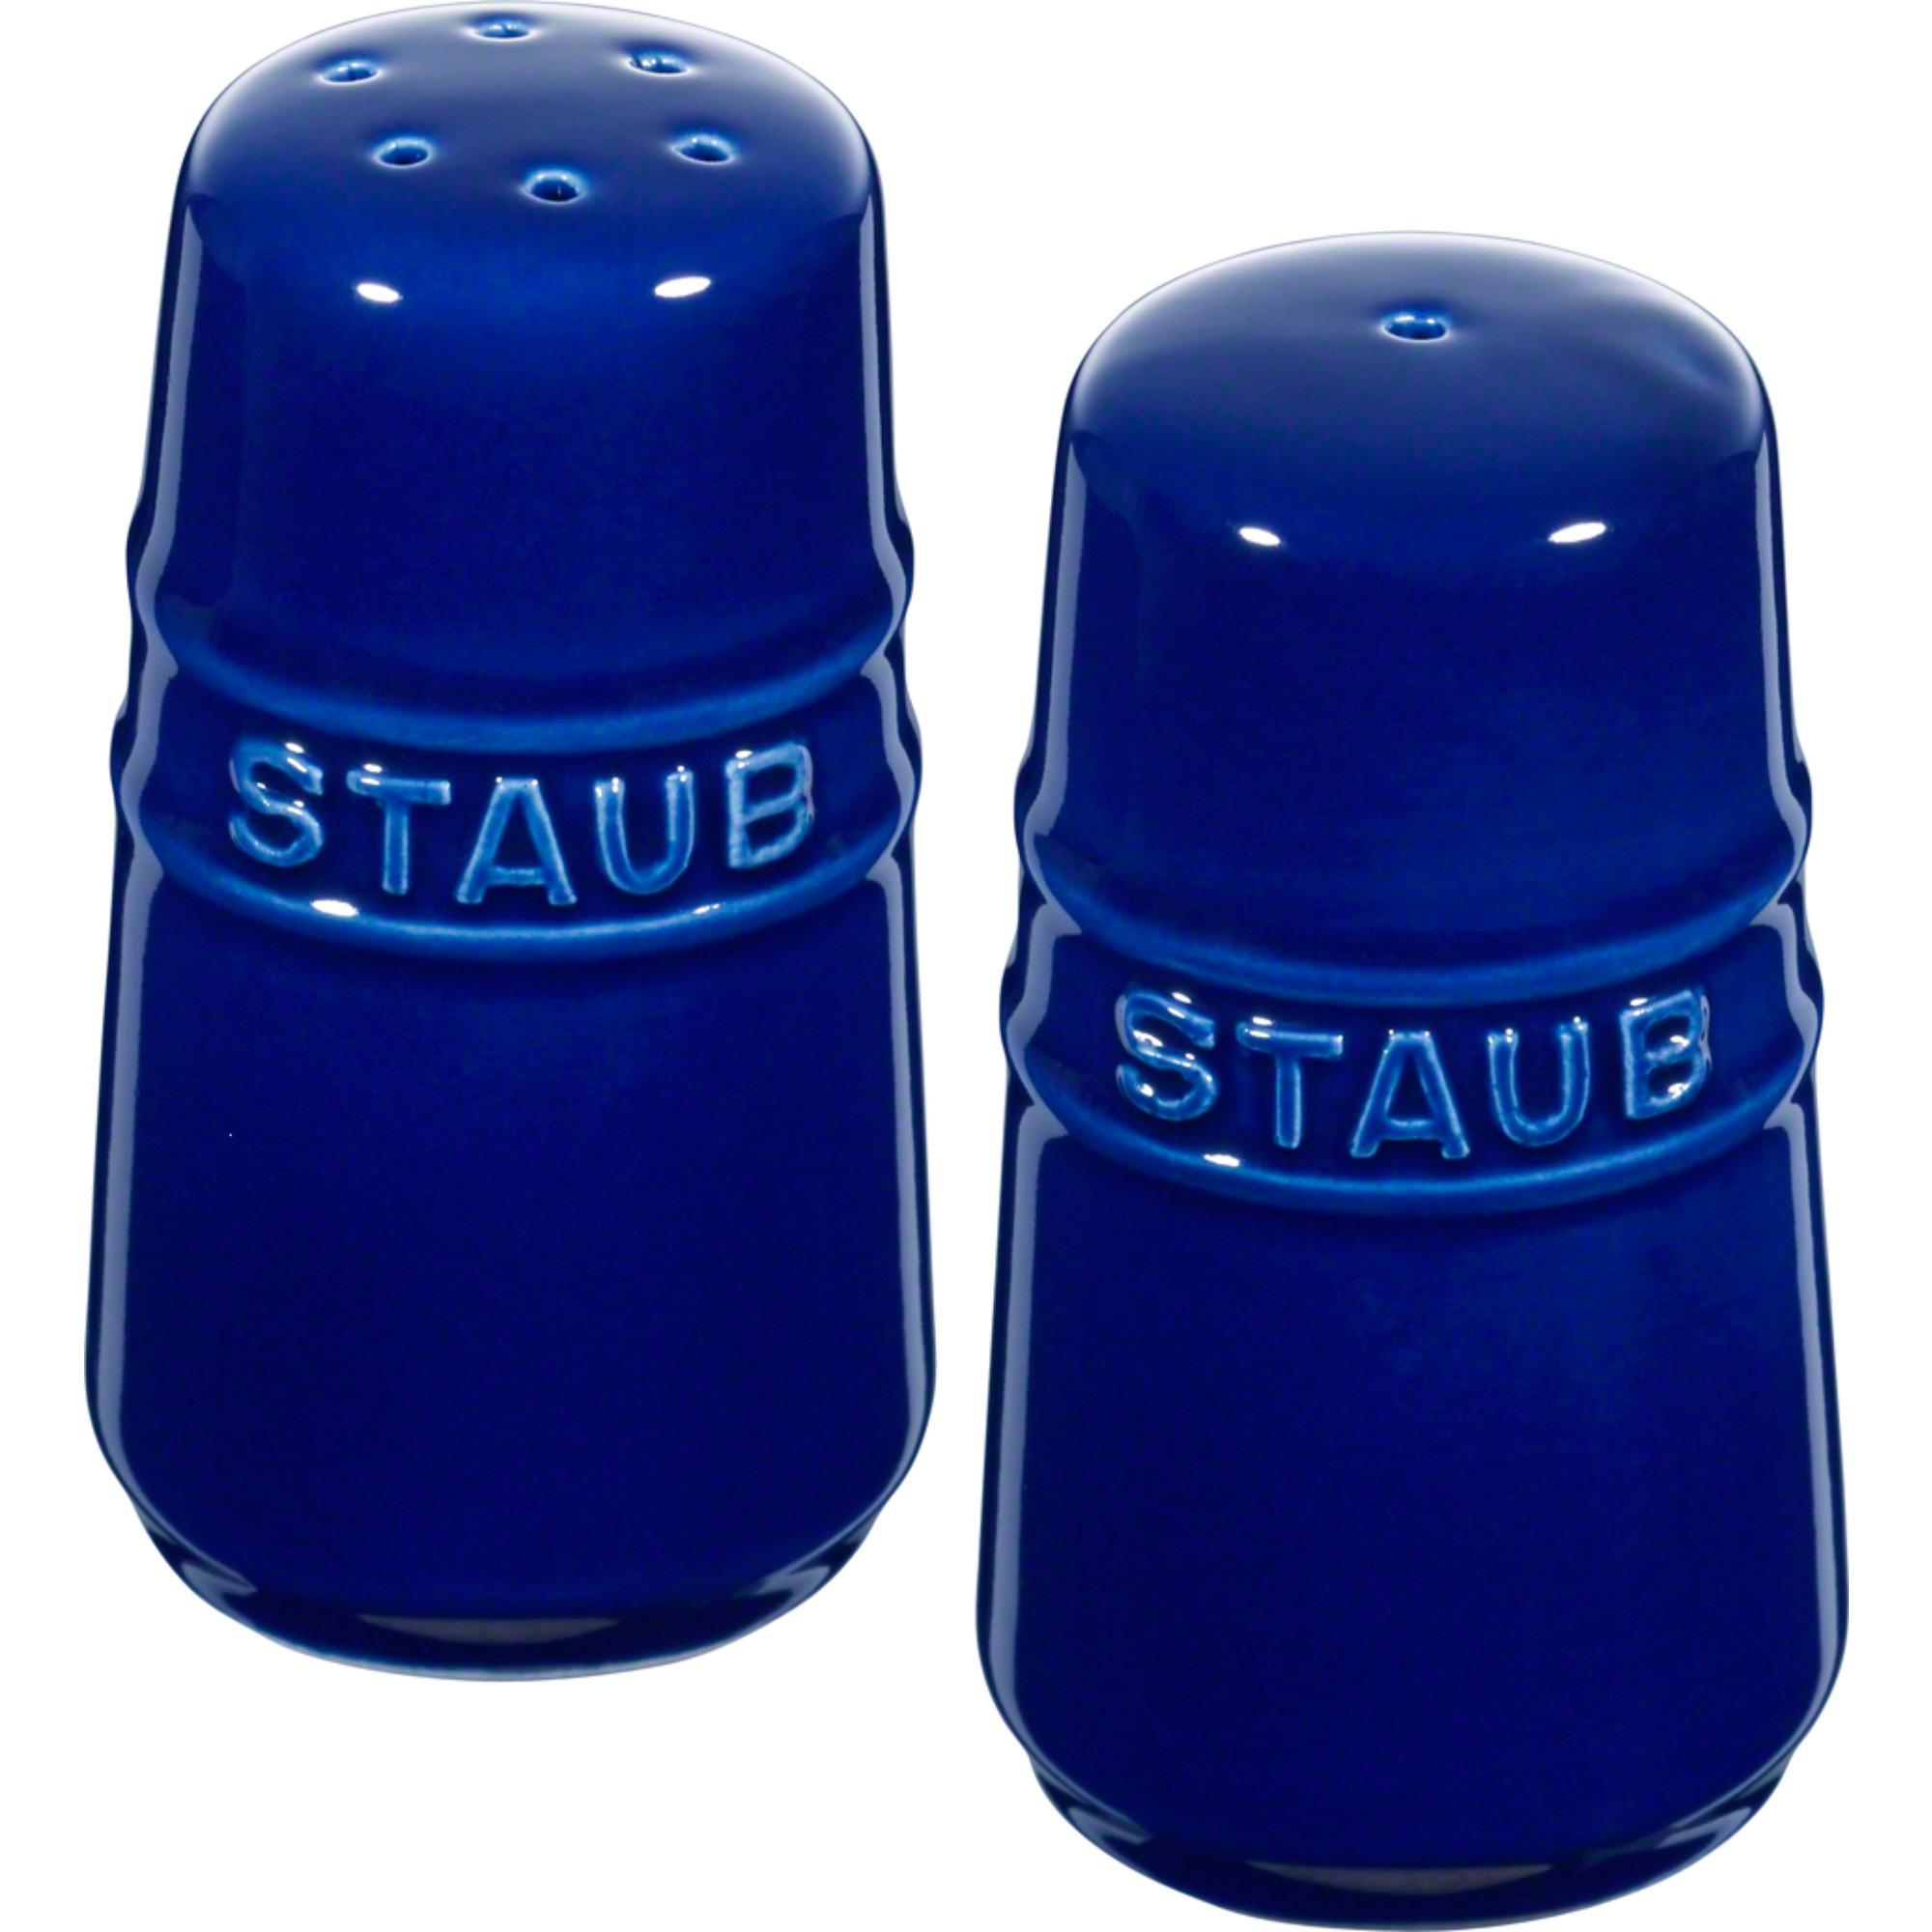 Staub Ceramic Salt & Peppar Set Blå 7 cm